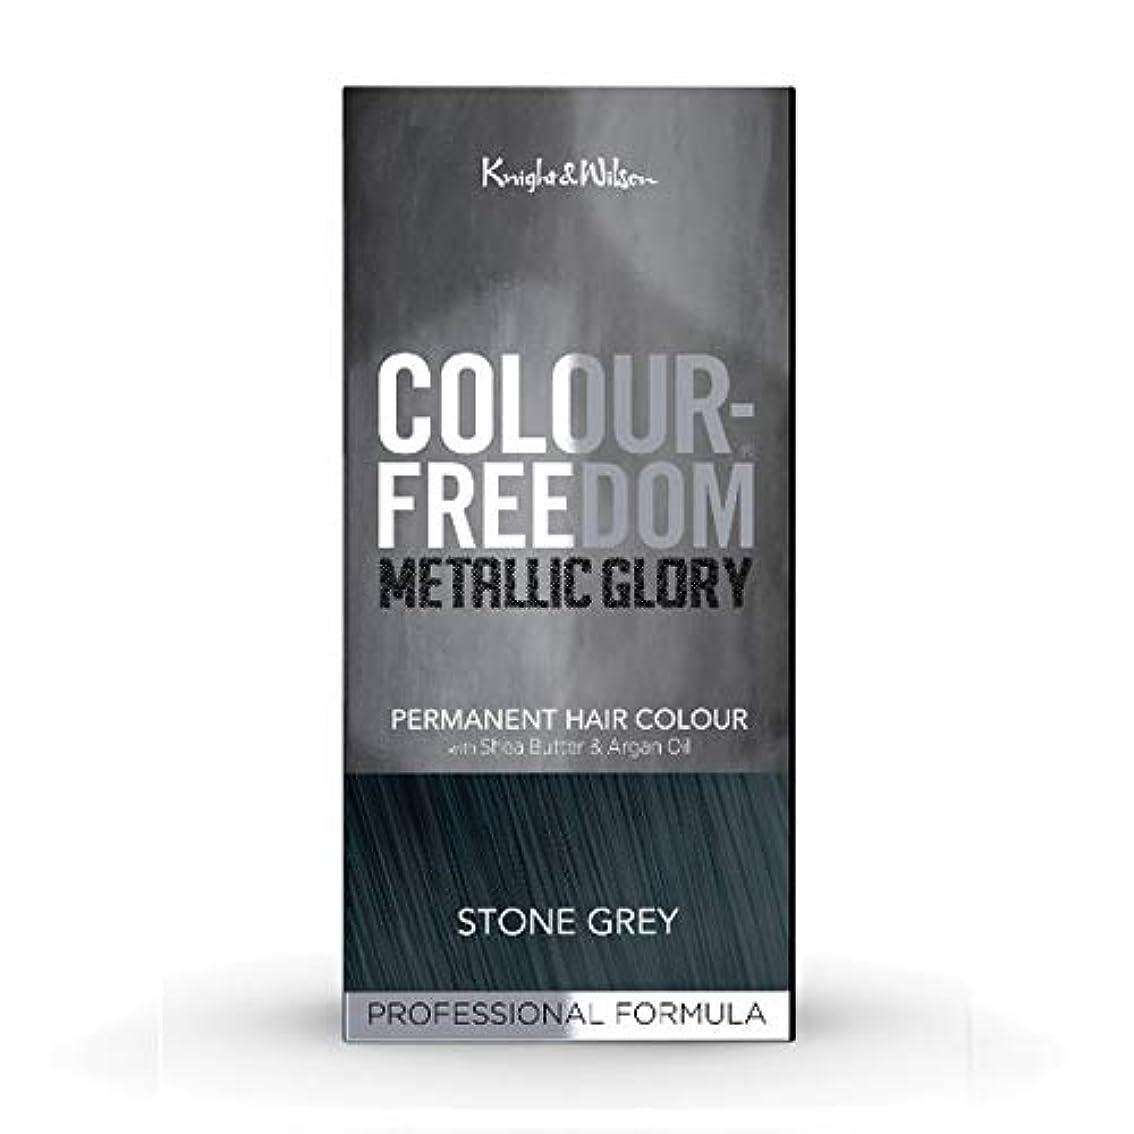 シェーバー本当にフォーカス[Colour Freedom ] カラー自由メタリック栄光の石のグレー417 - Colour Freedom Metallic Glory Stone Grey 417 [並行輸入品]